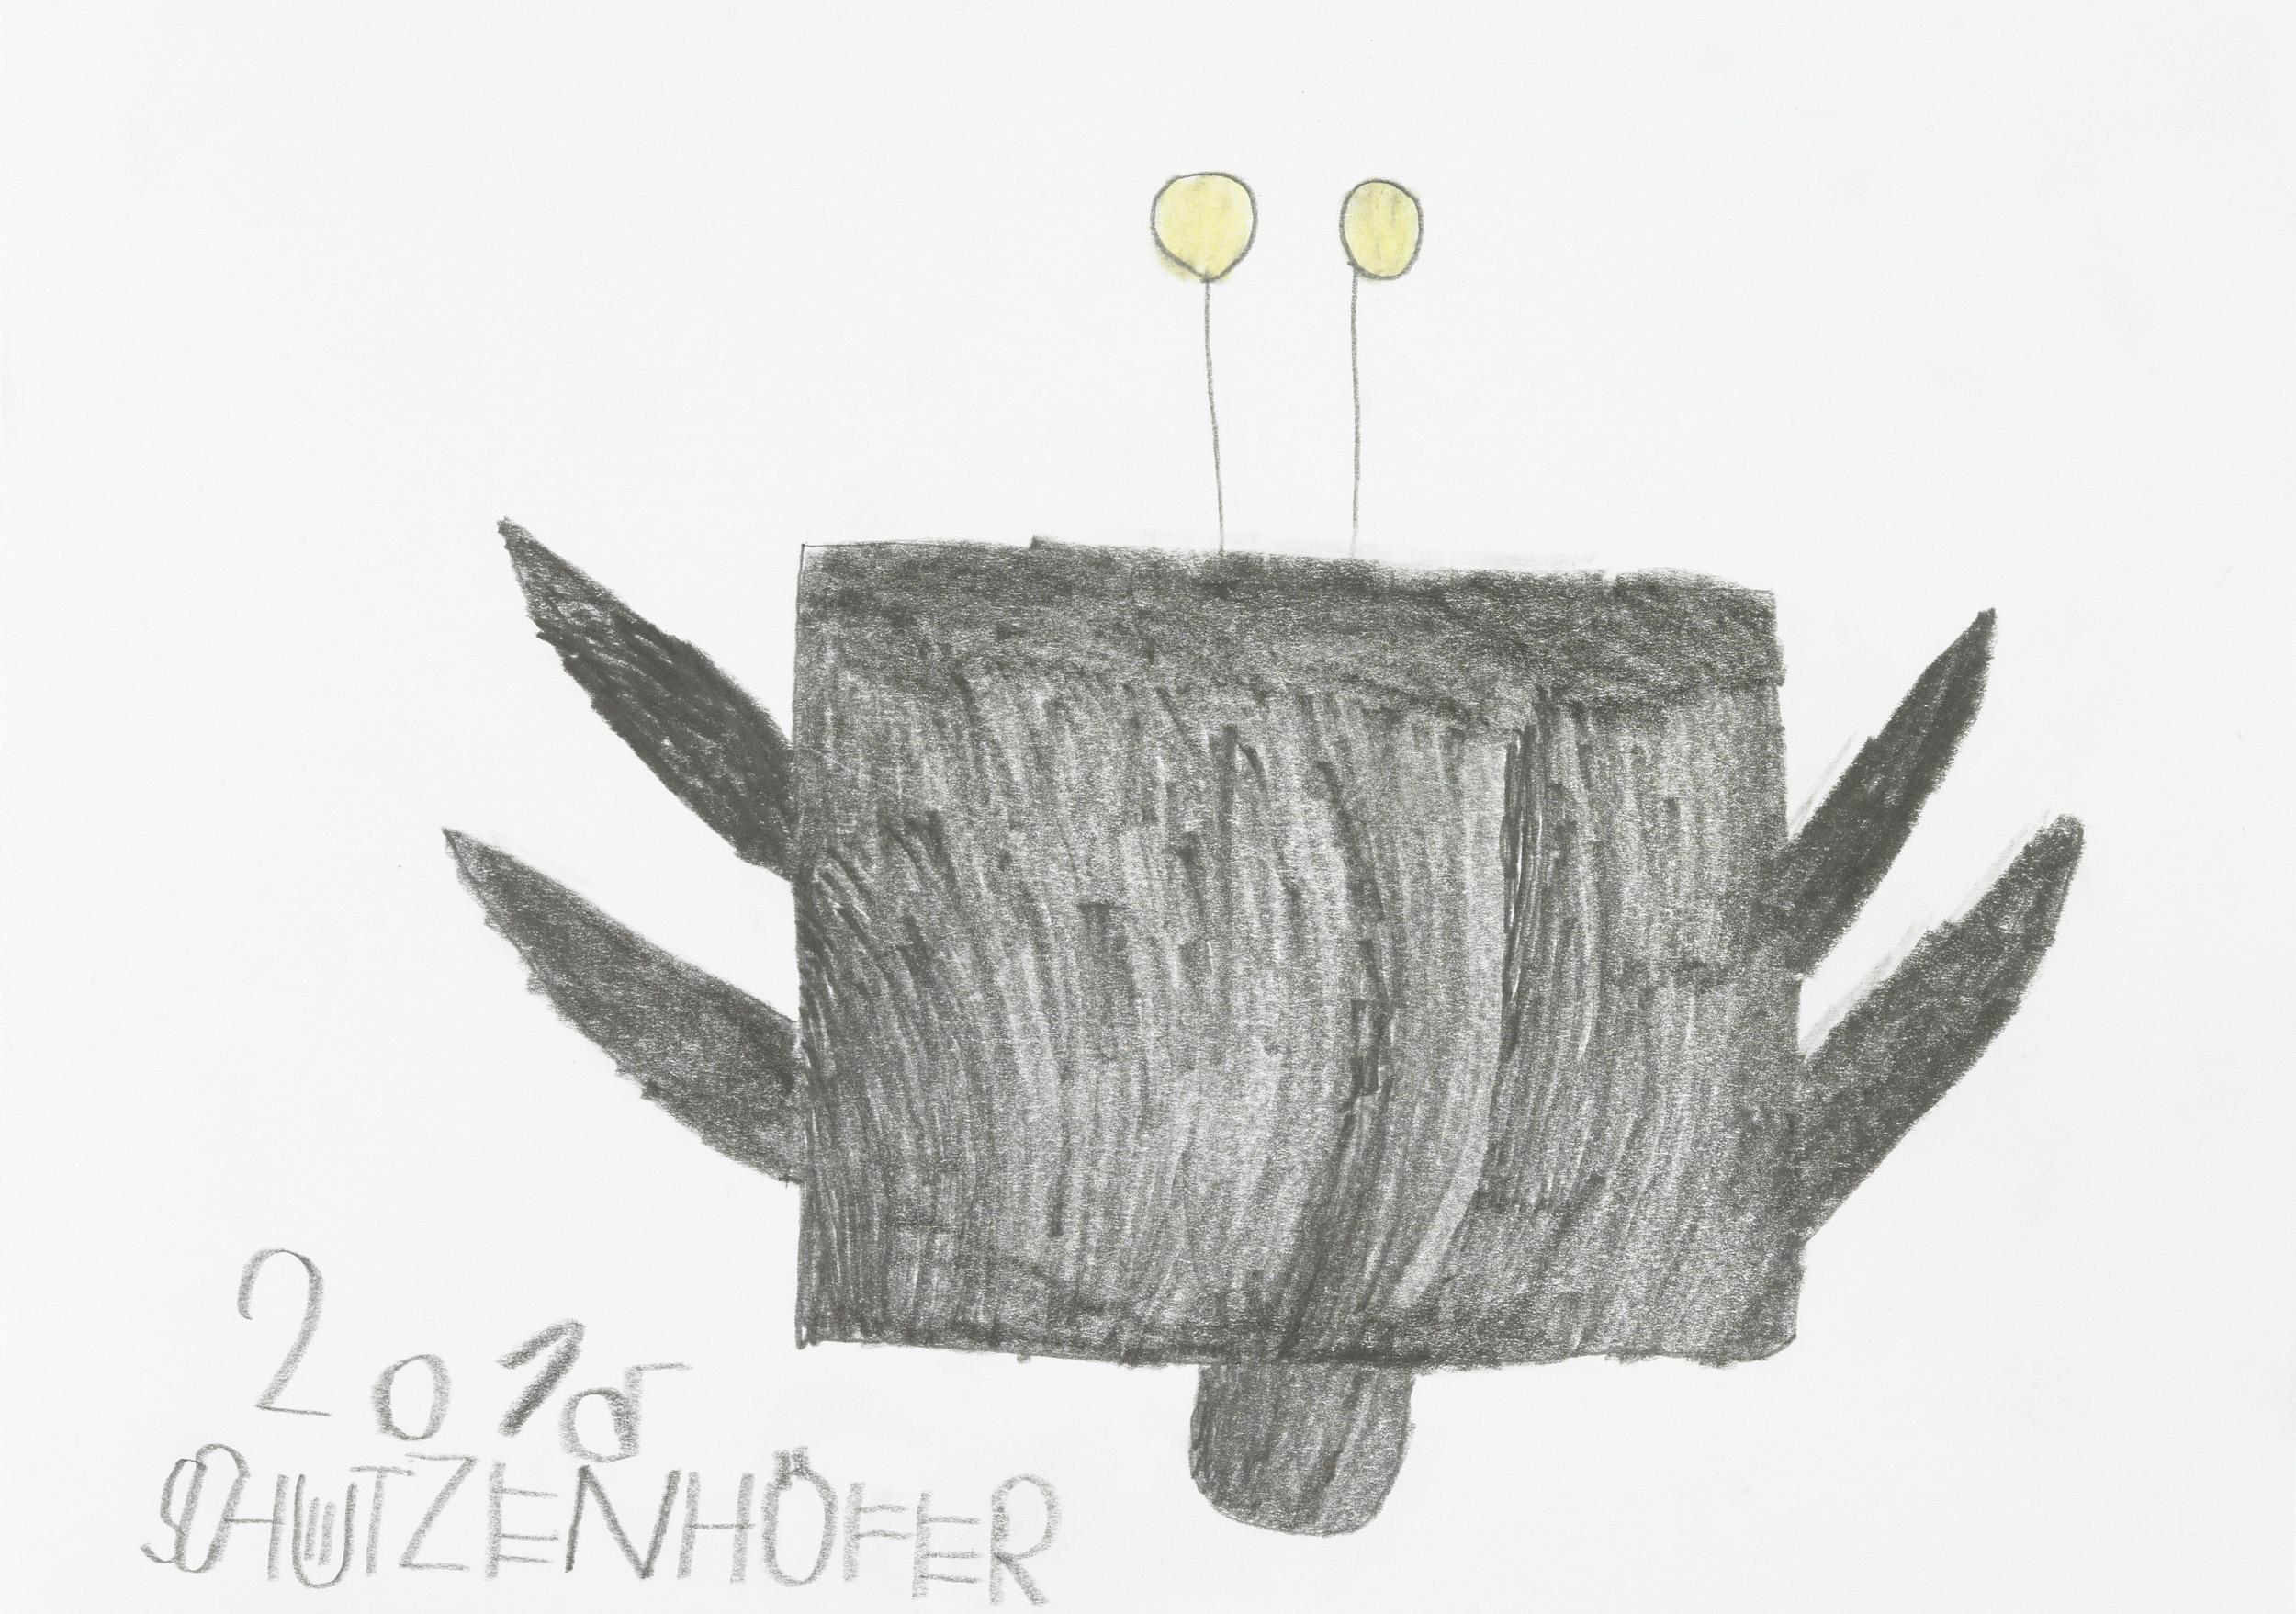 schützenhöfer günther - schmetterling/butterfly